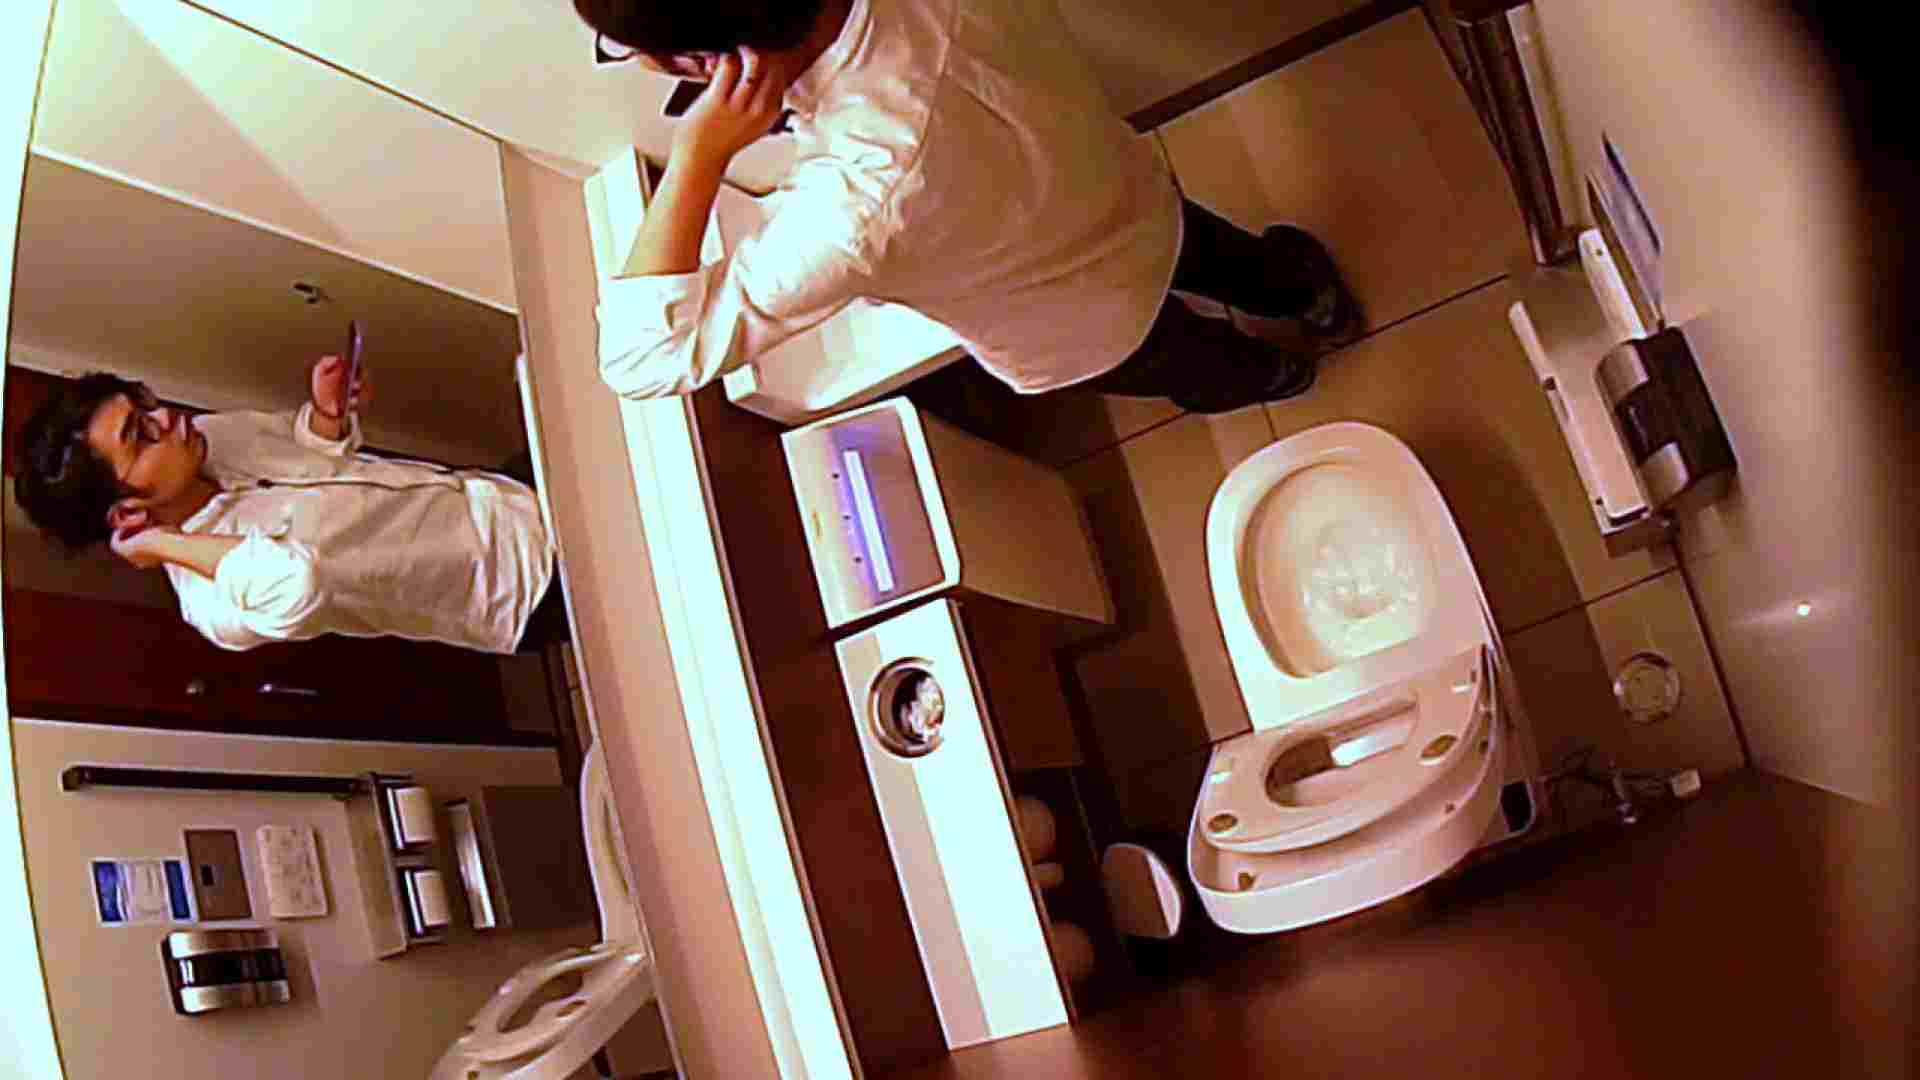 すみませんが覗かせてください Vol.32 トイレ  61連発 14